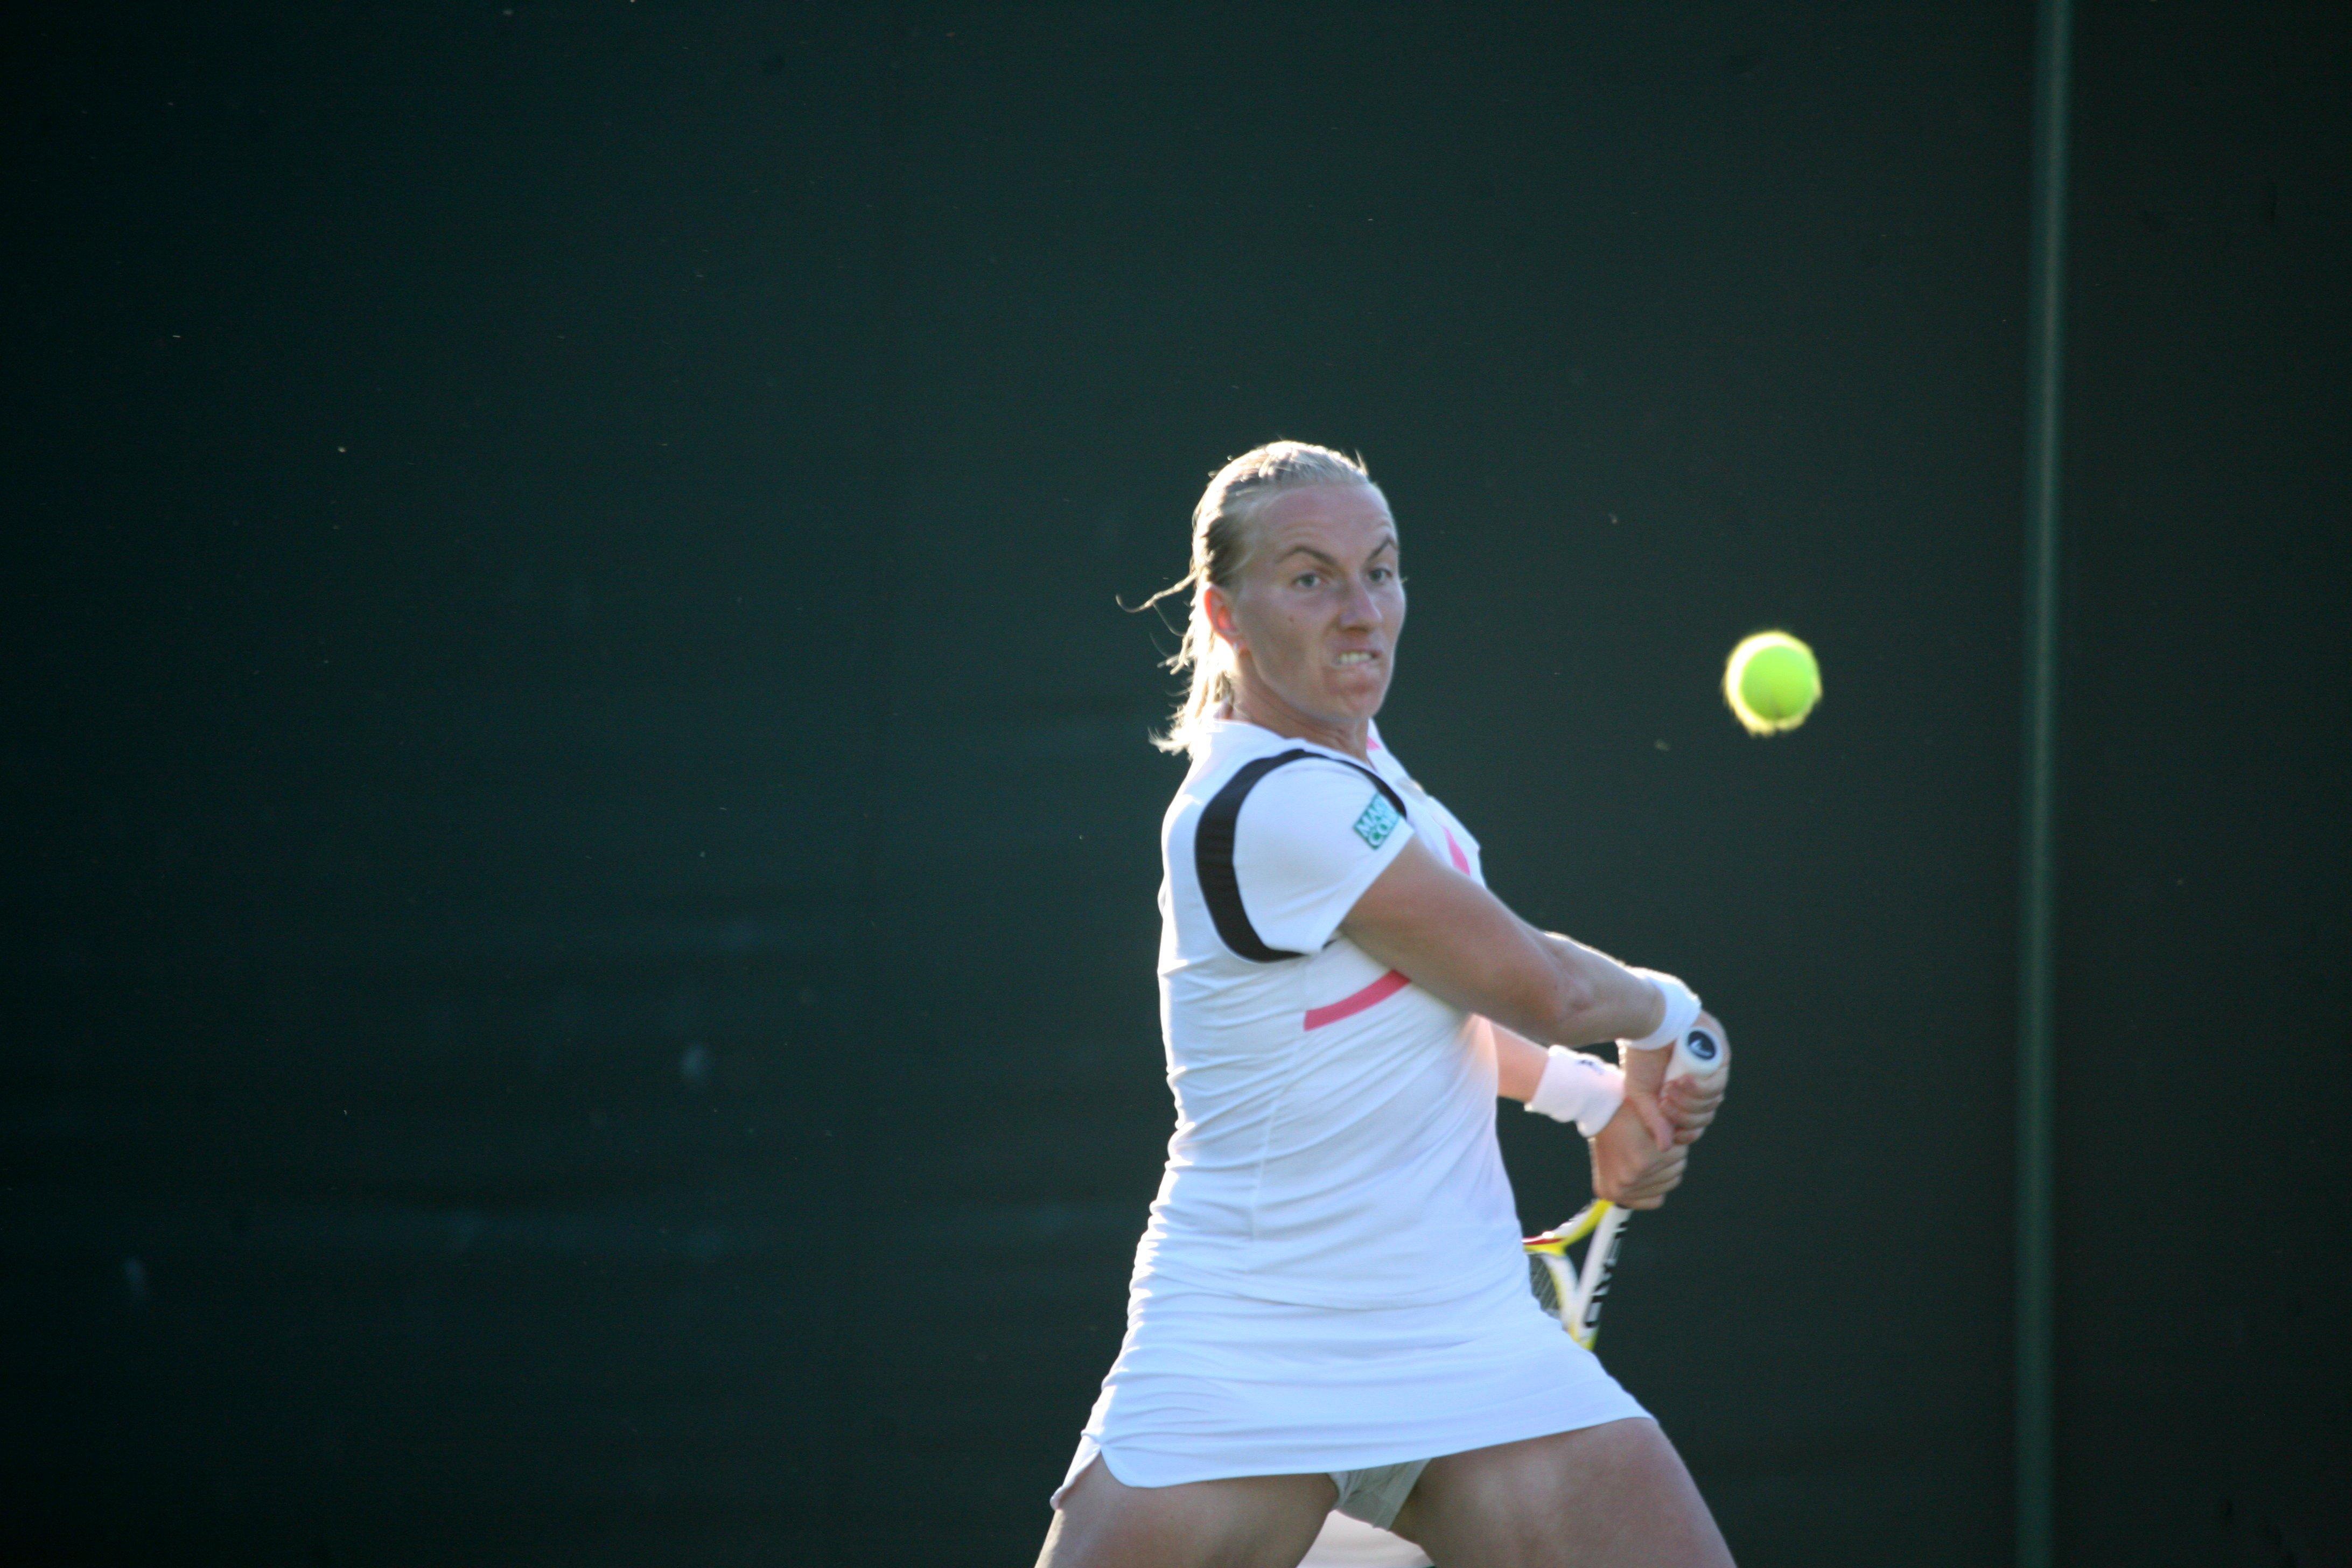 File Svetlana Kuznetsova at the 2009 Wimbledon Championships 01